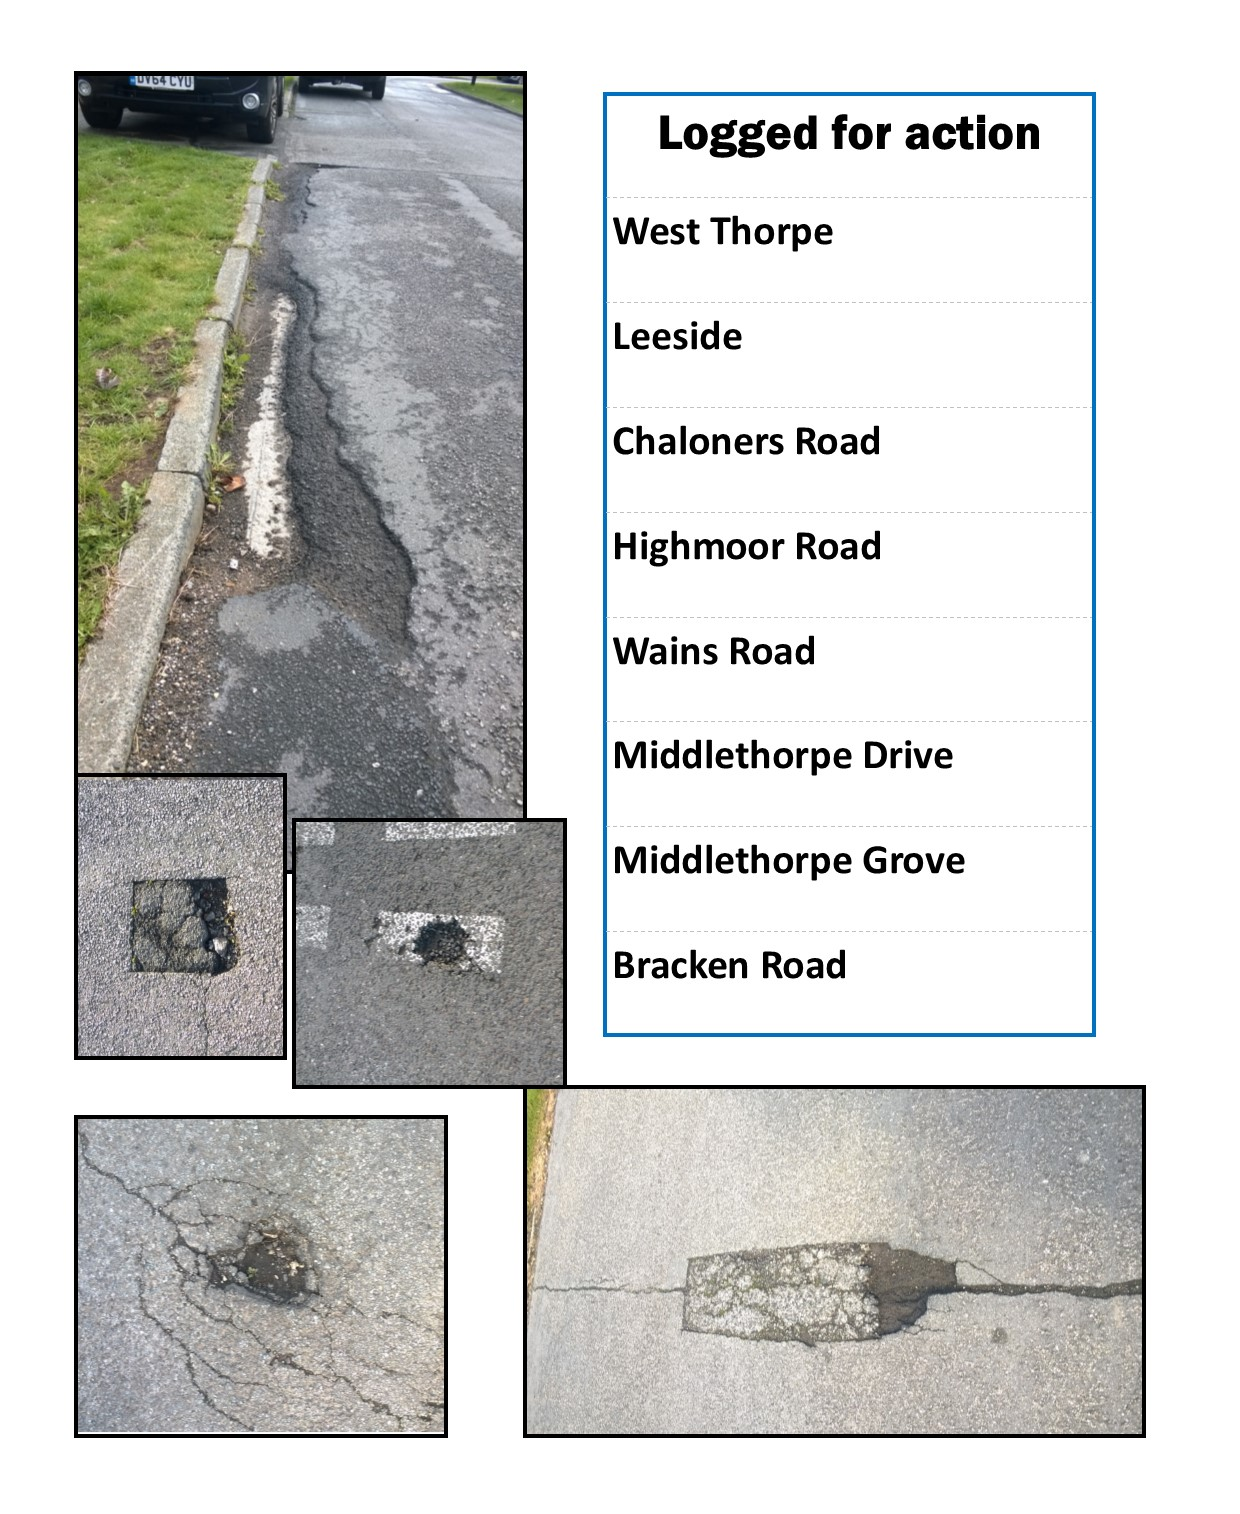 Pothole montage